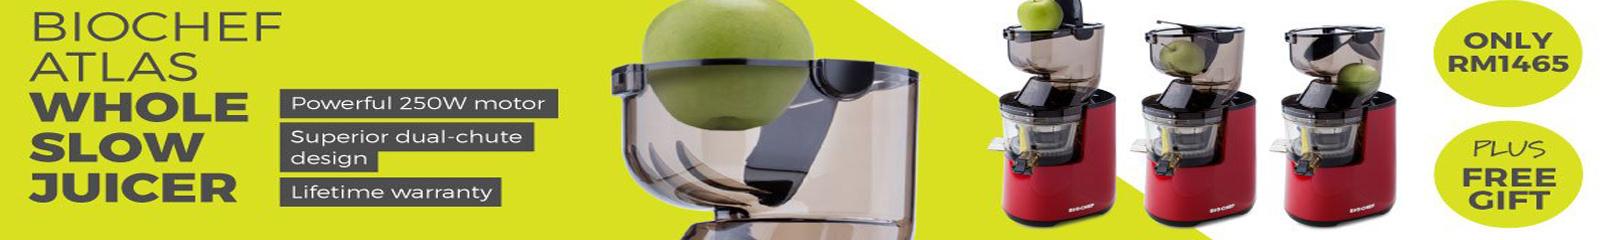 máy ép trái cây: Những lợi ích khi bạn uống nước ép dâu tây